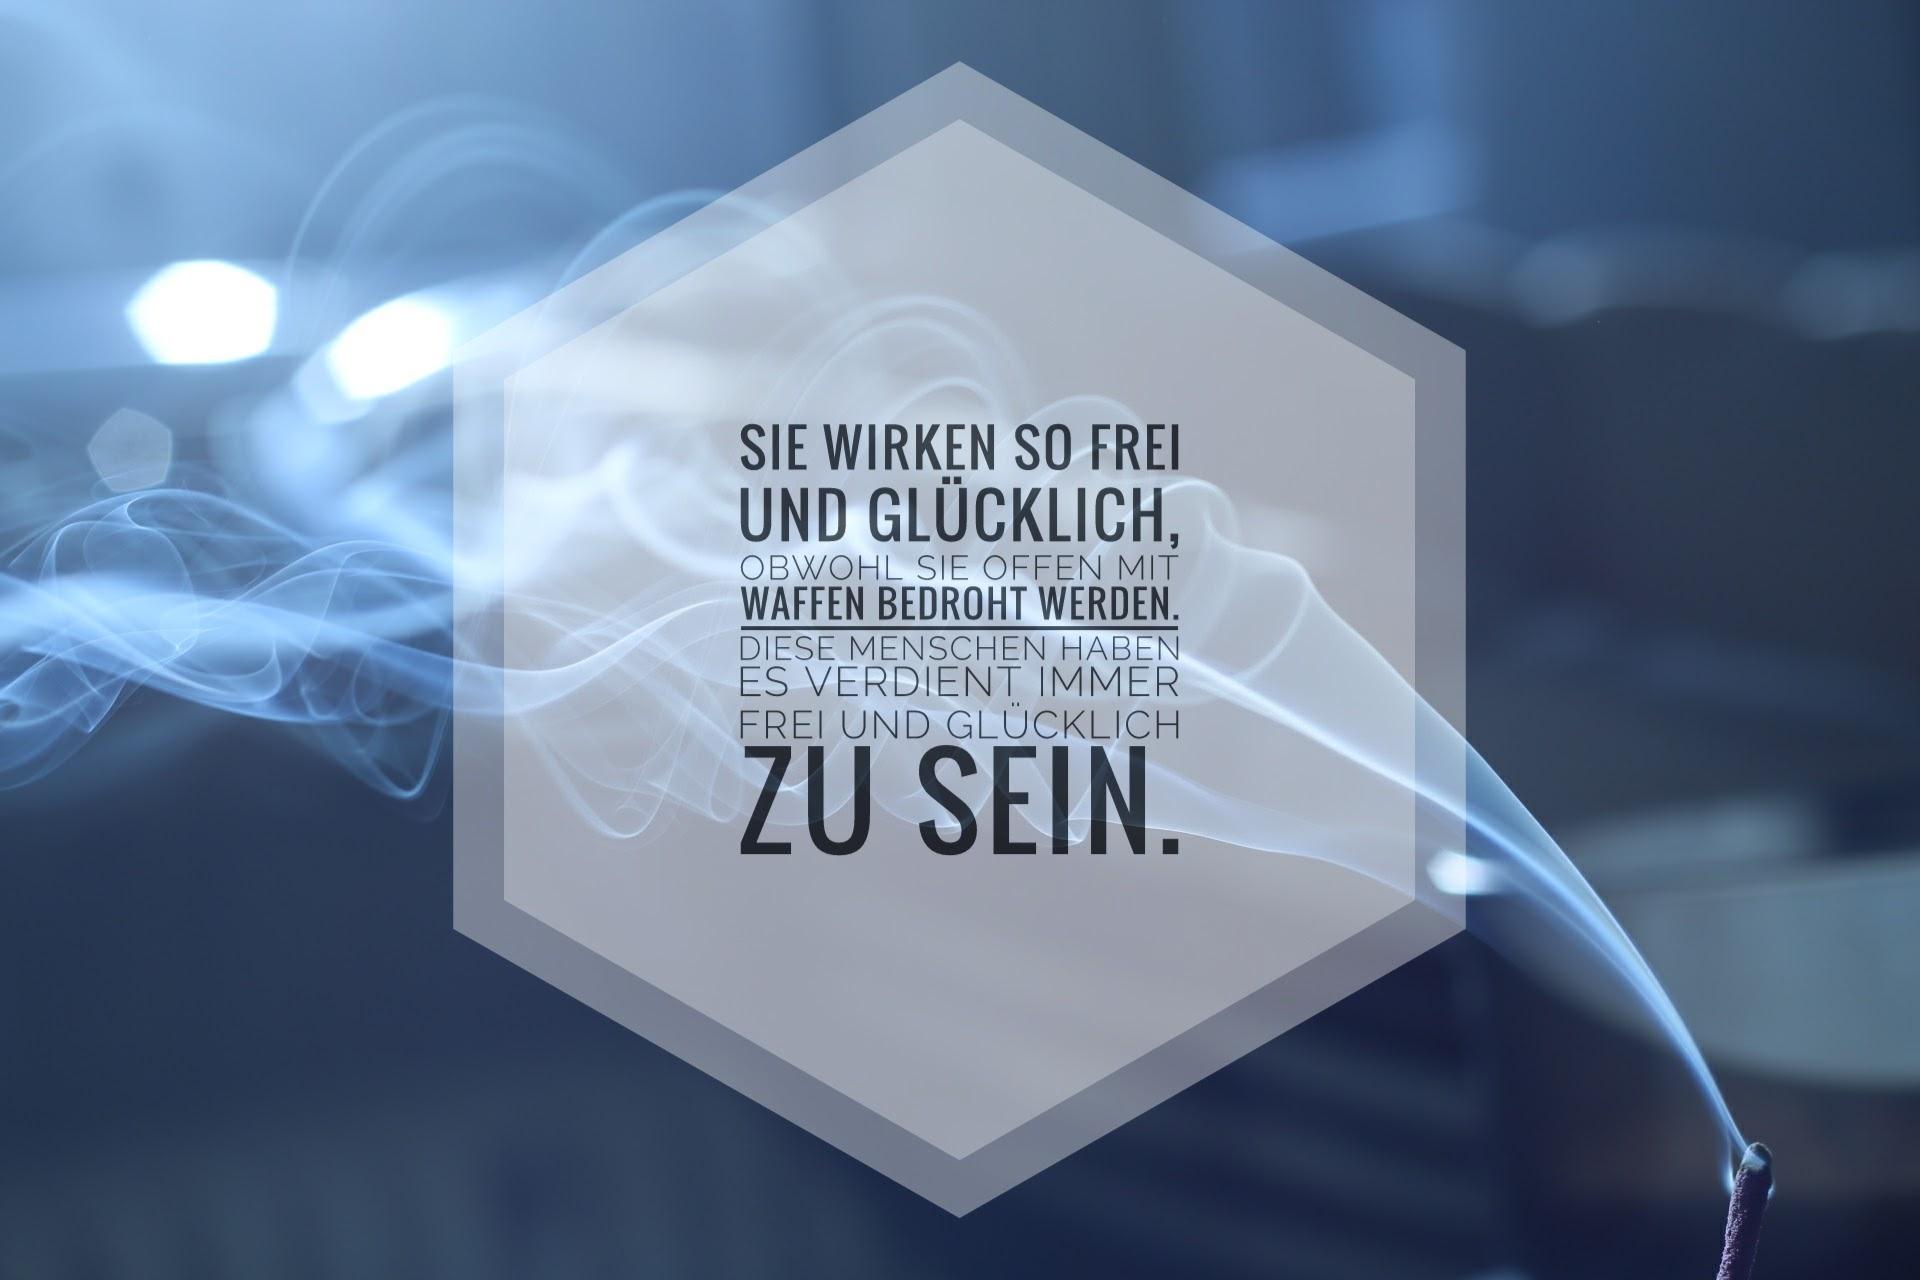 Rauch und Asche Juli A. Zeiger Zitat Zitate Books on Demand